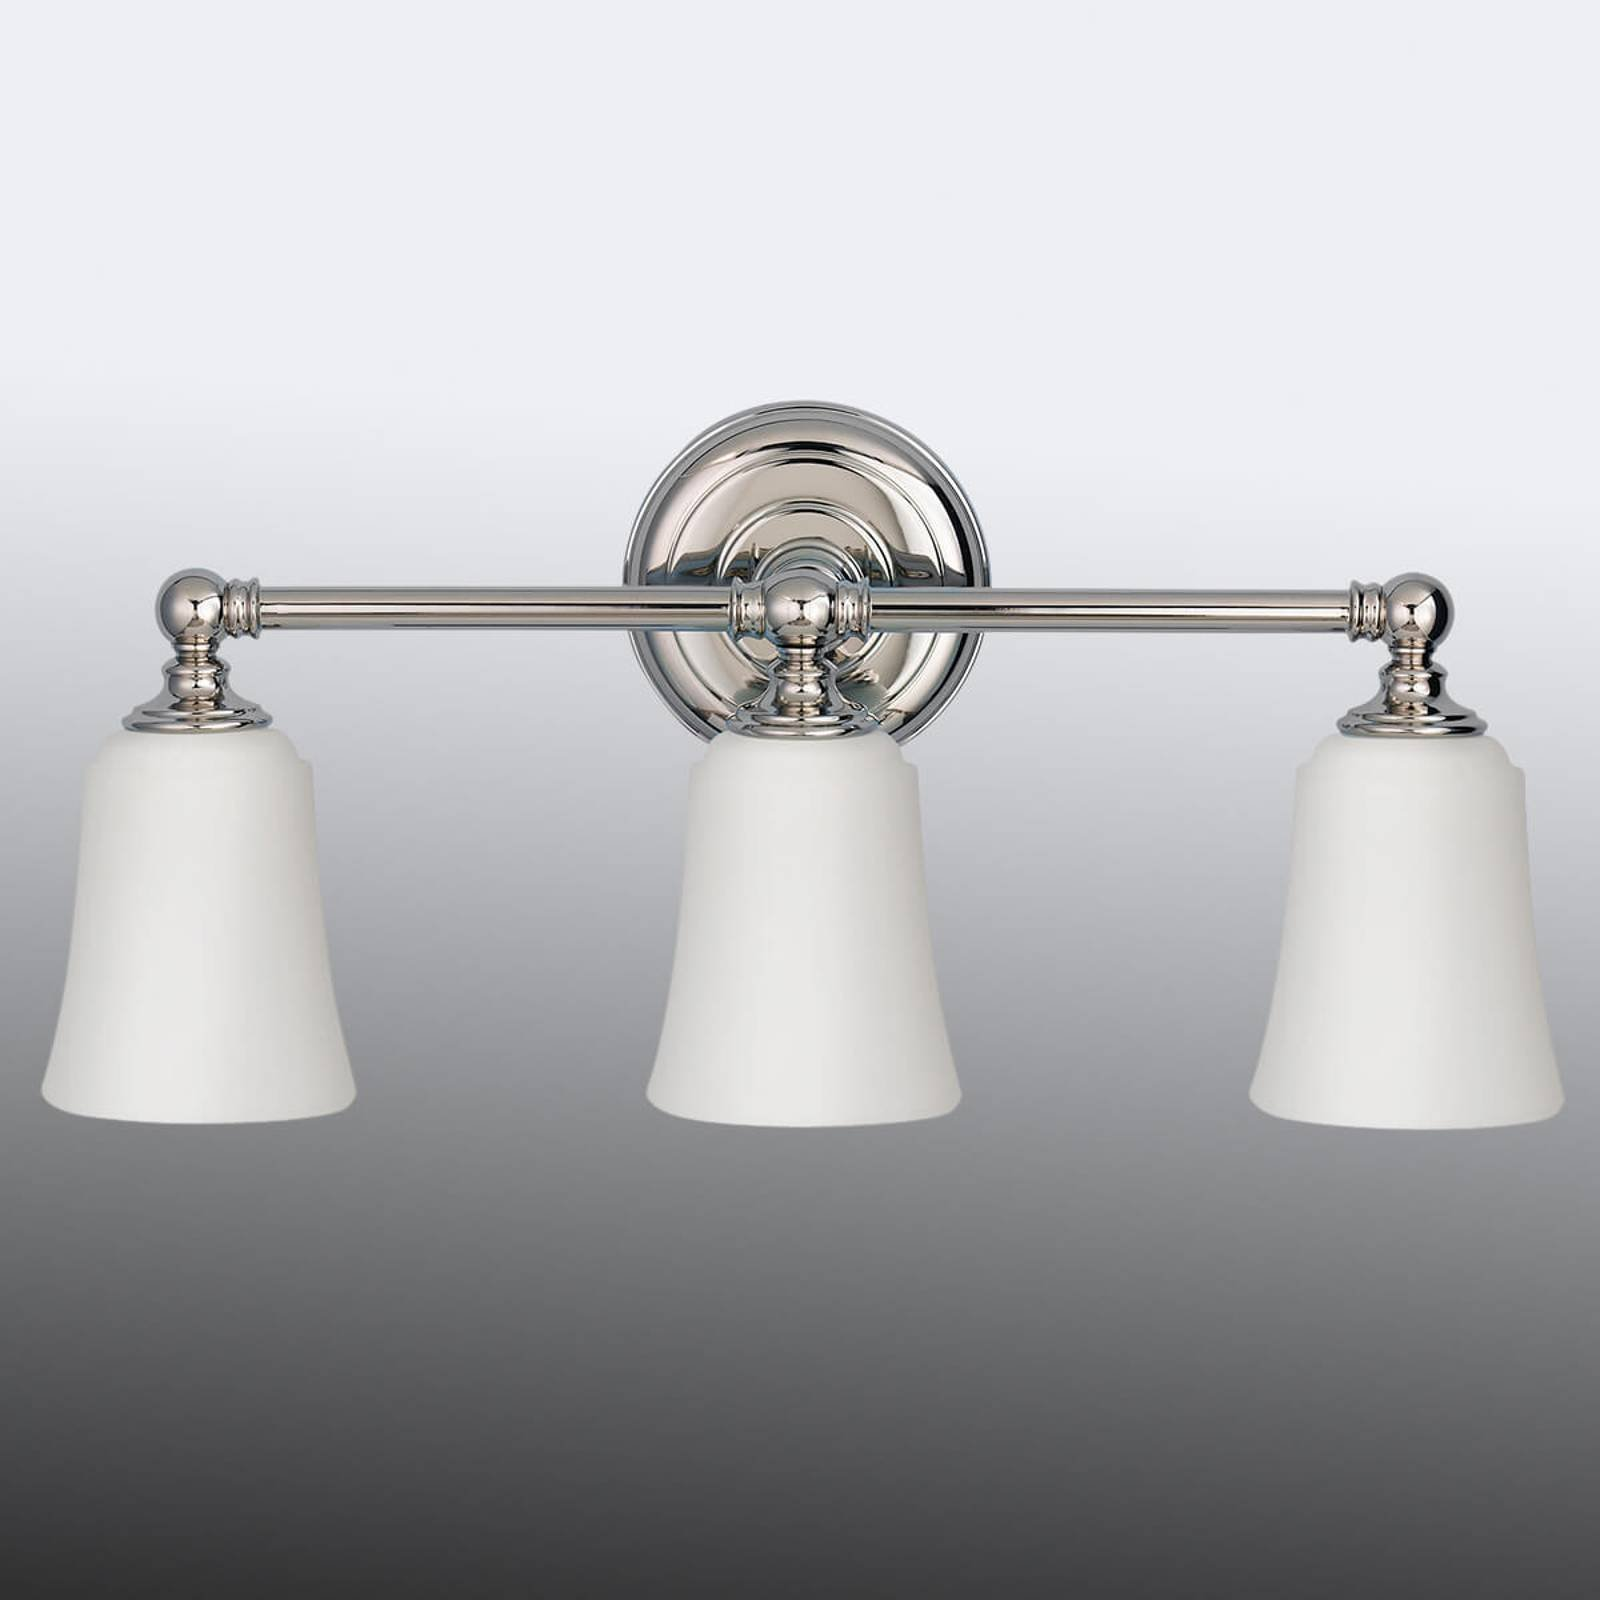 Vegglampe Huguenot Lake til badet, 3 lyskilde